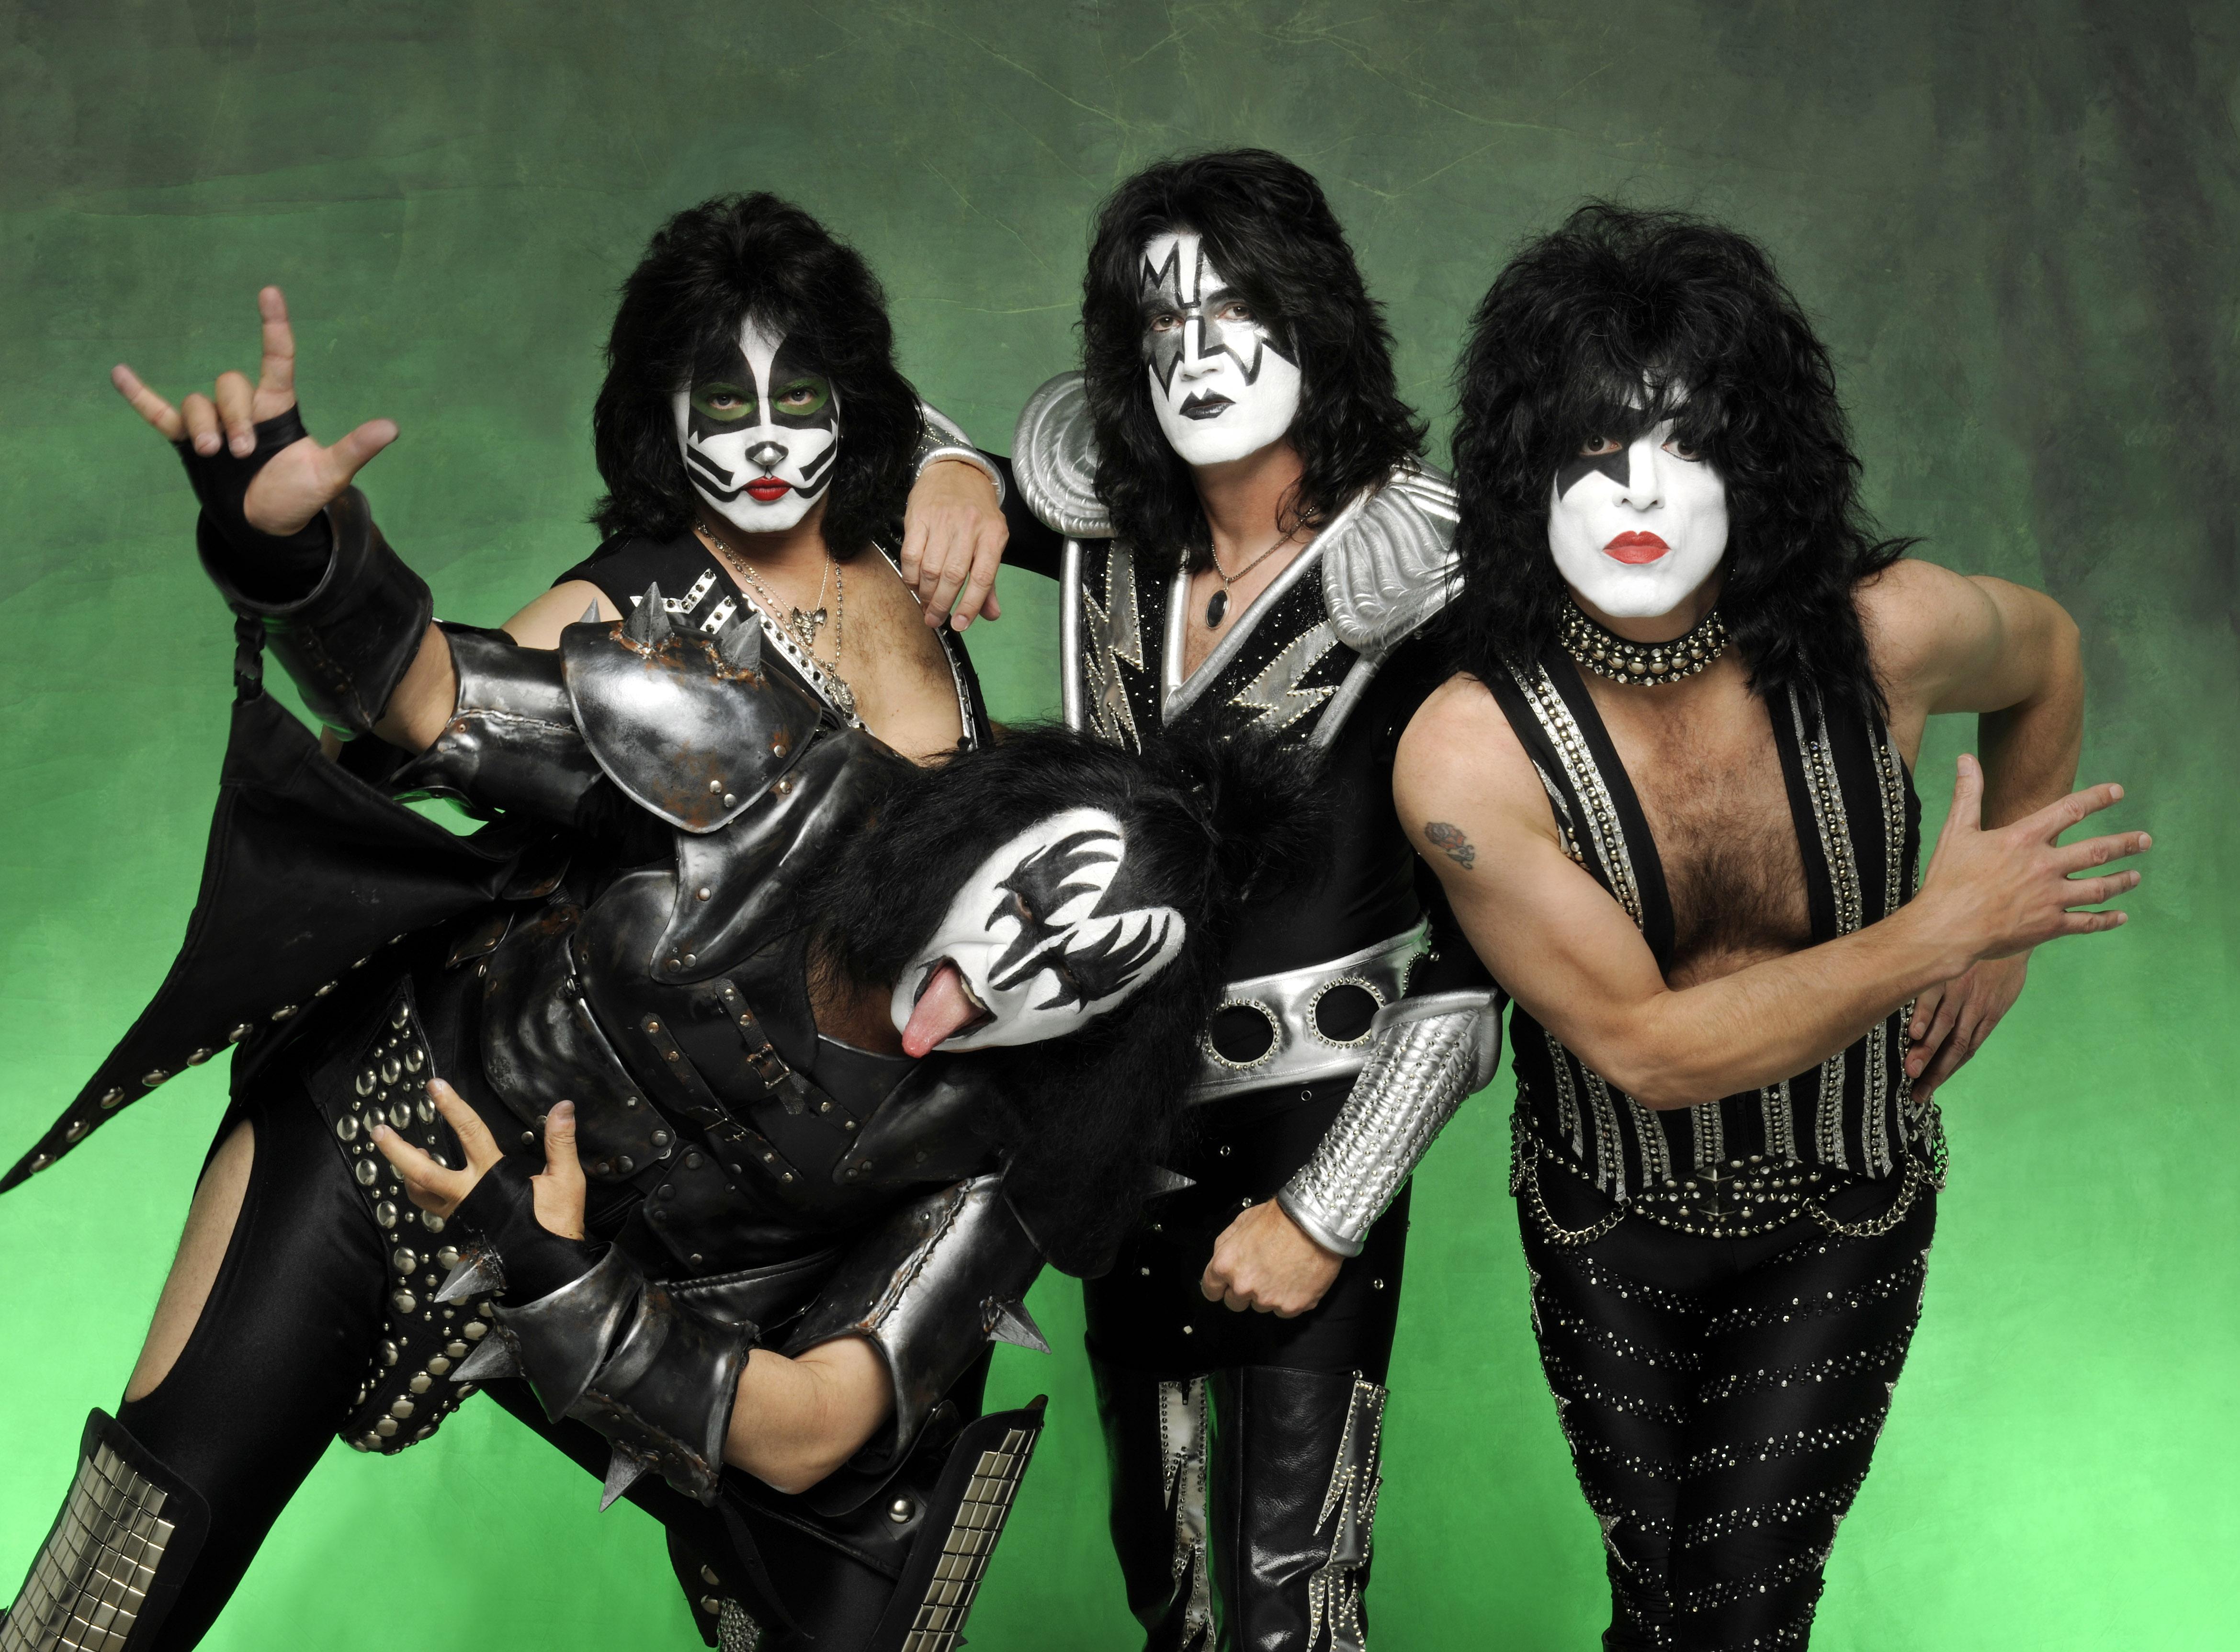 Las caras pintadas de Kiss - 4678x3450